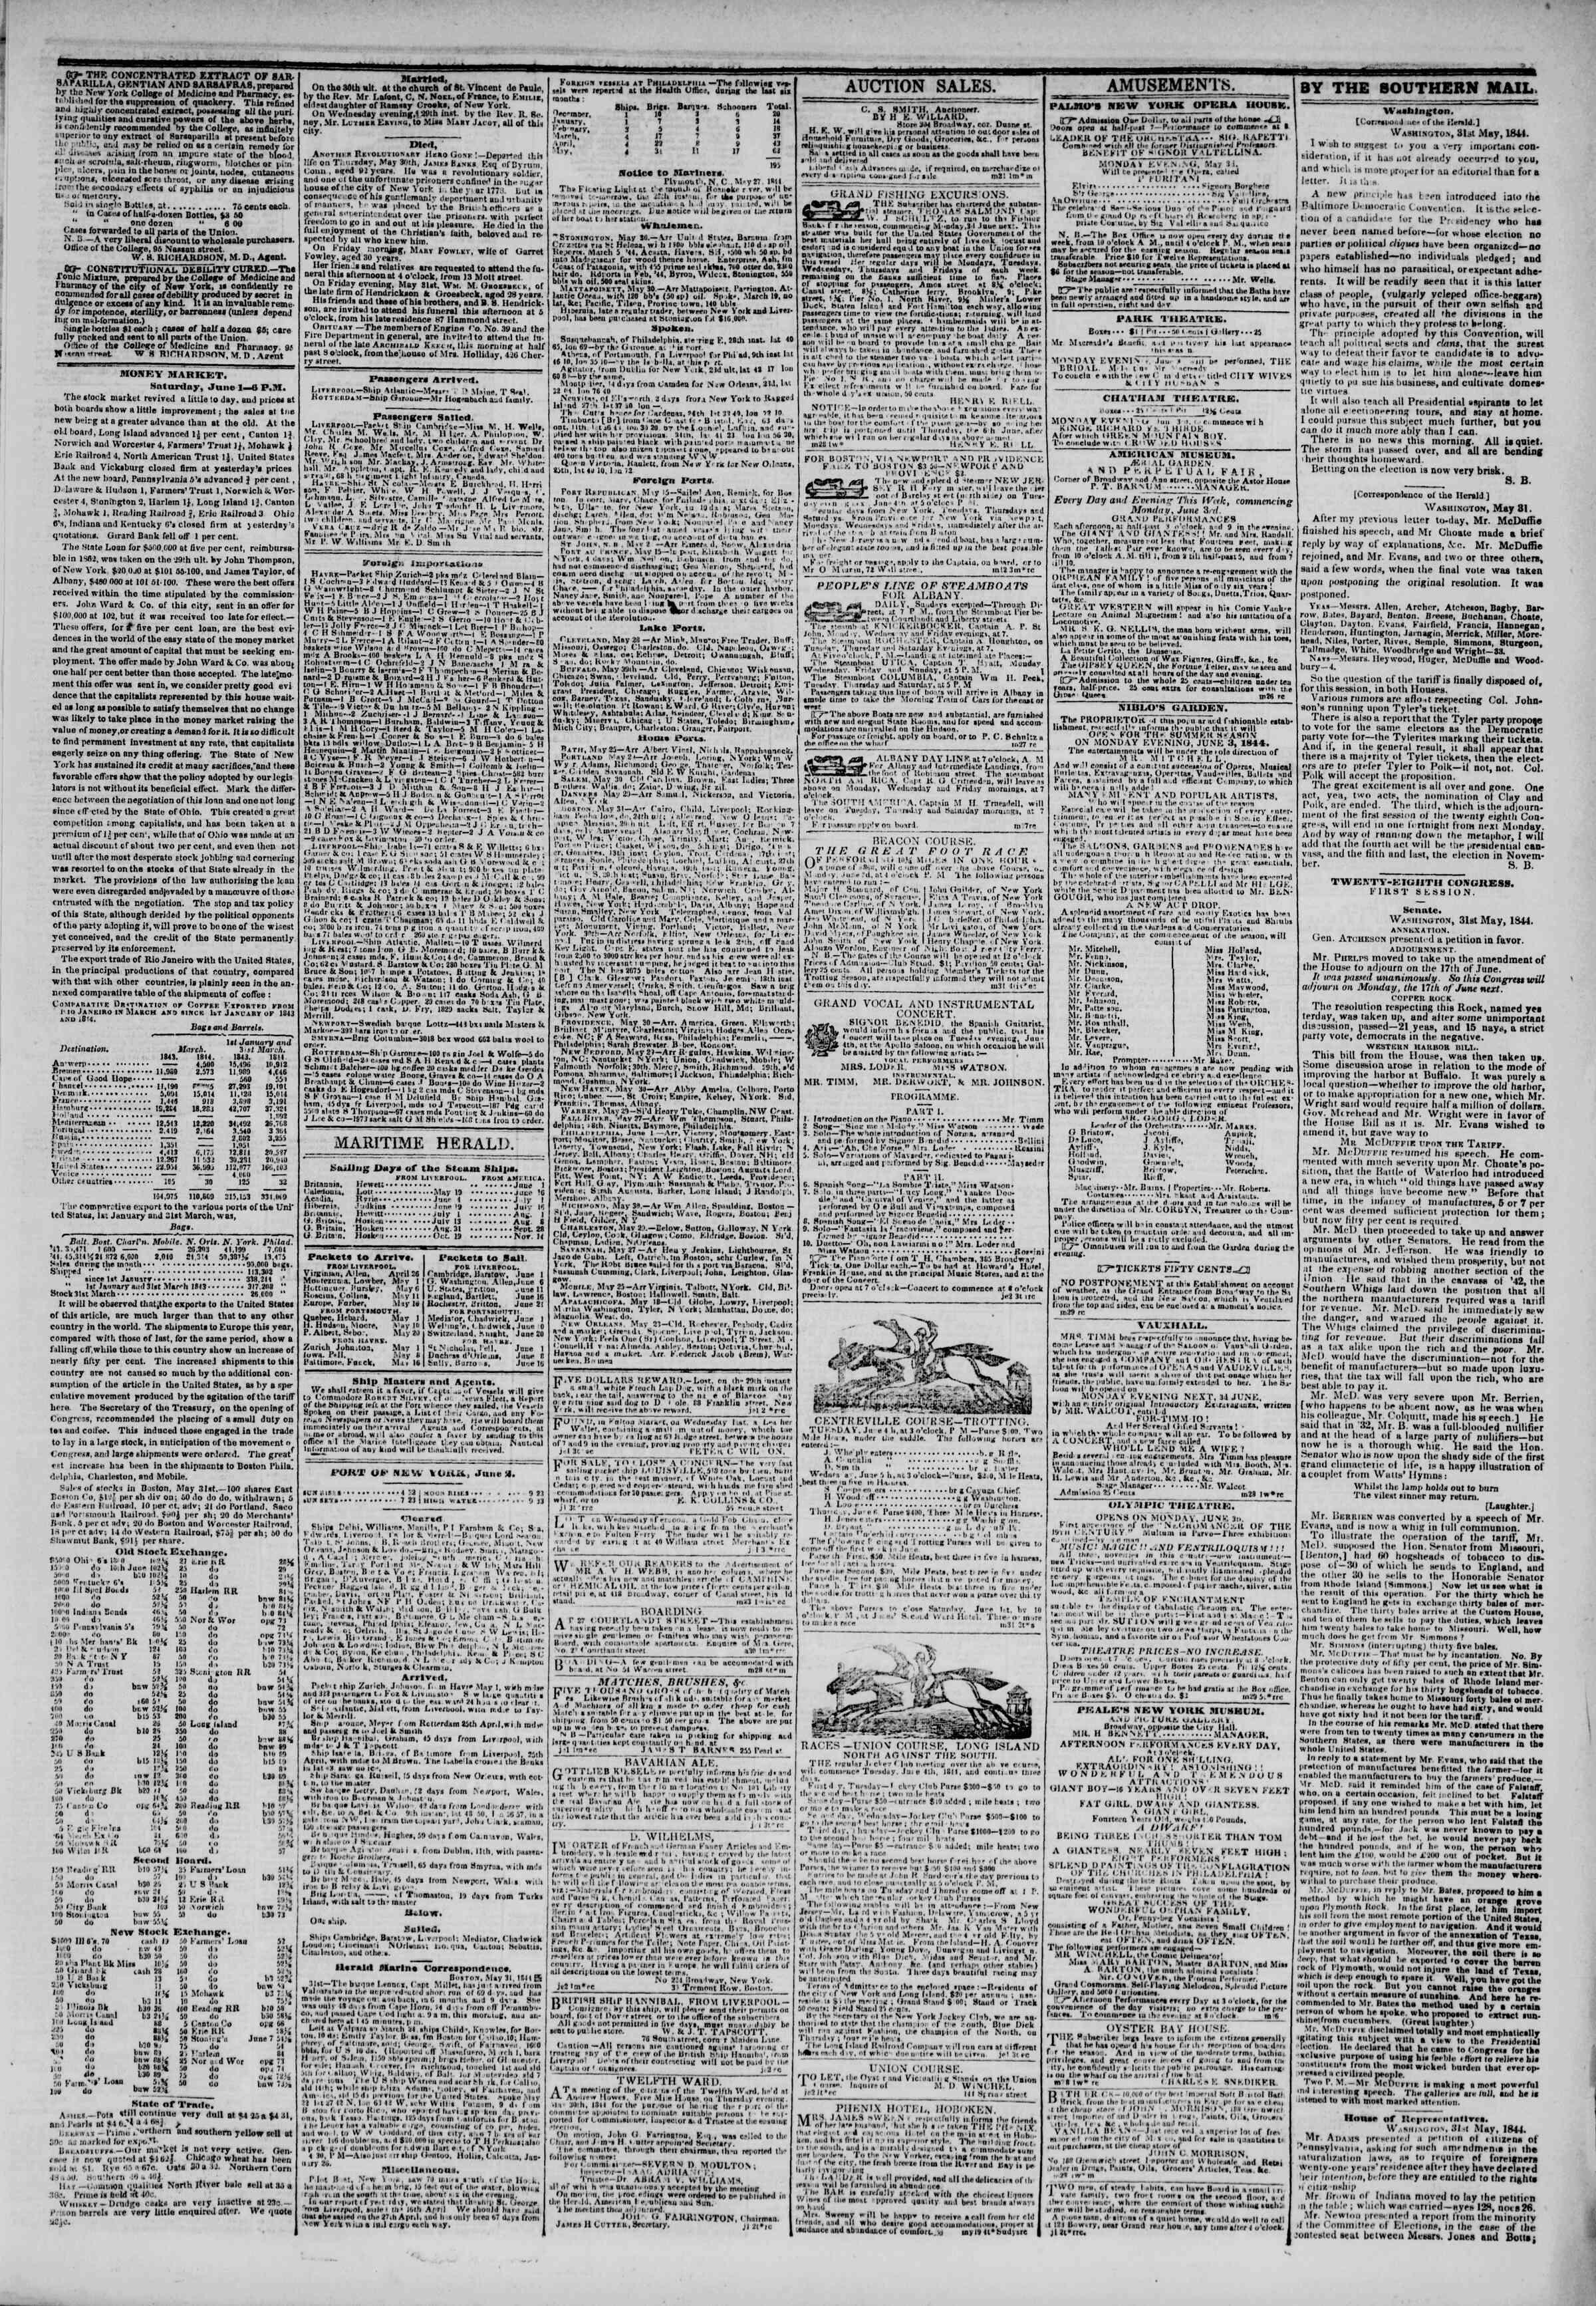 June 2, 1844 Tarihli The New York Herald Gazetesi Sayfa 3